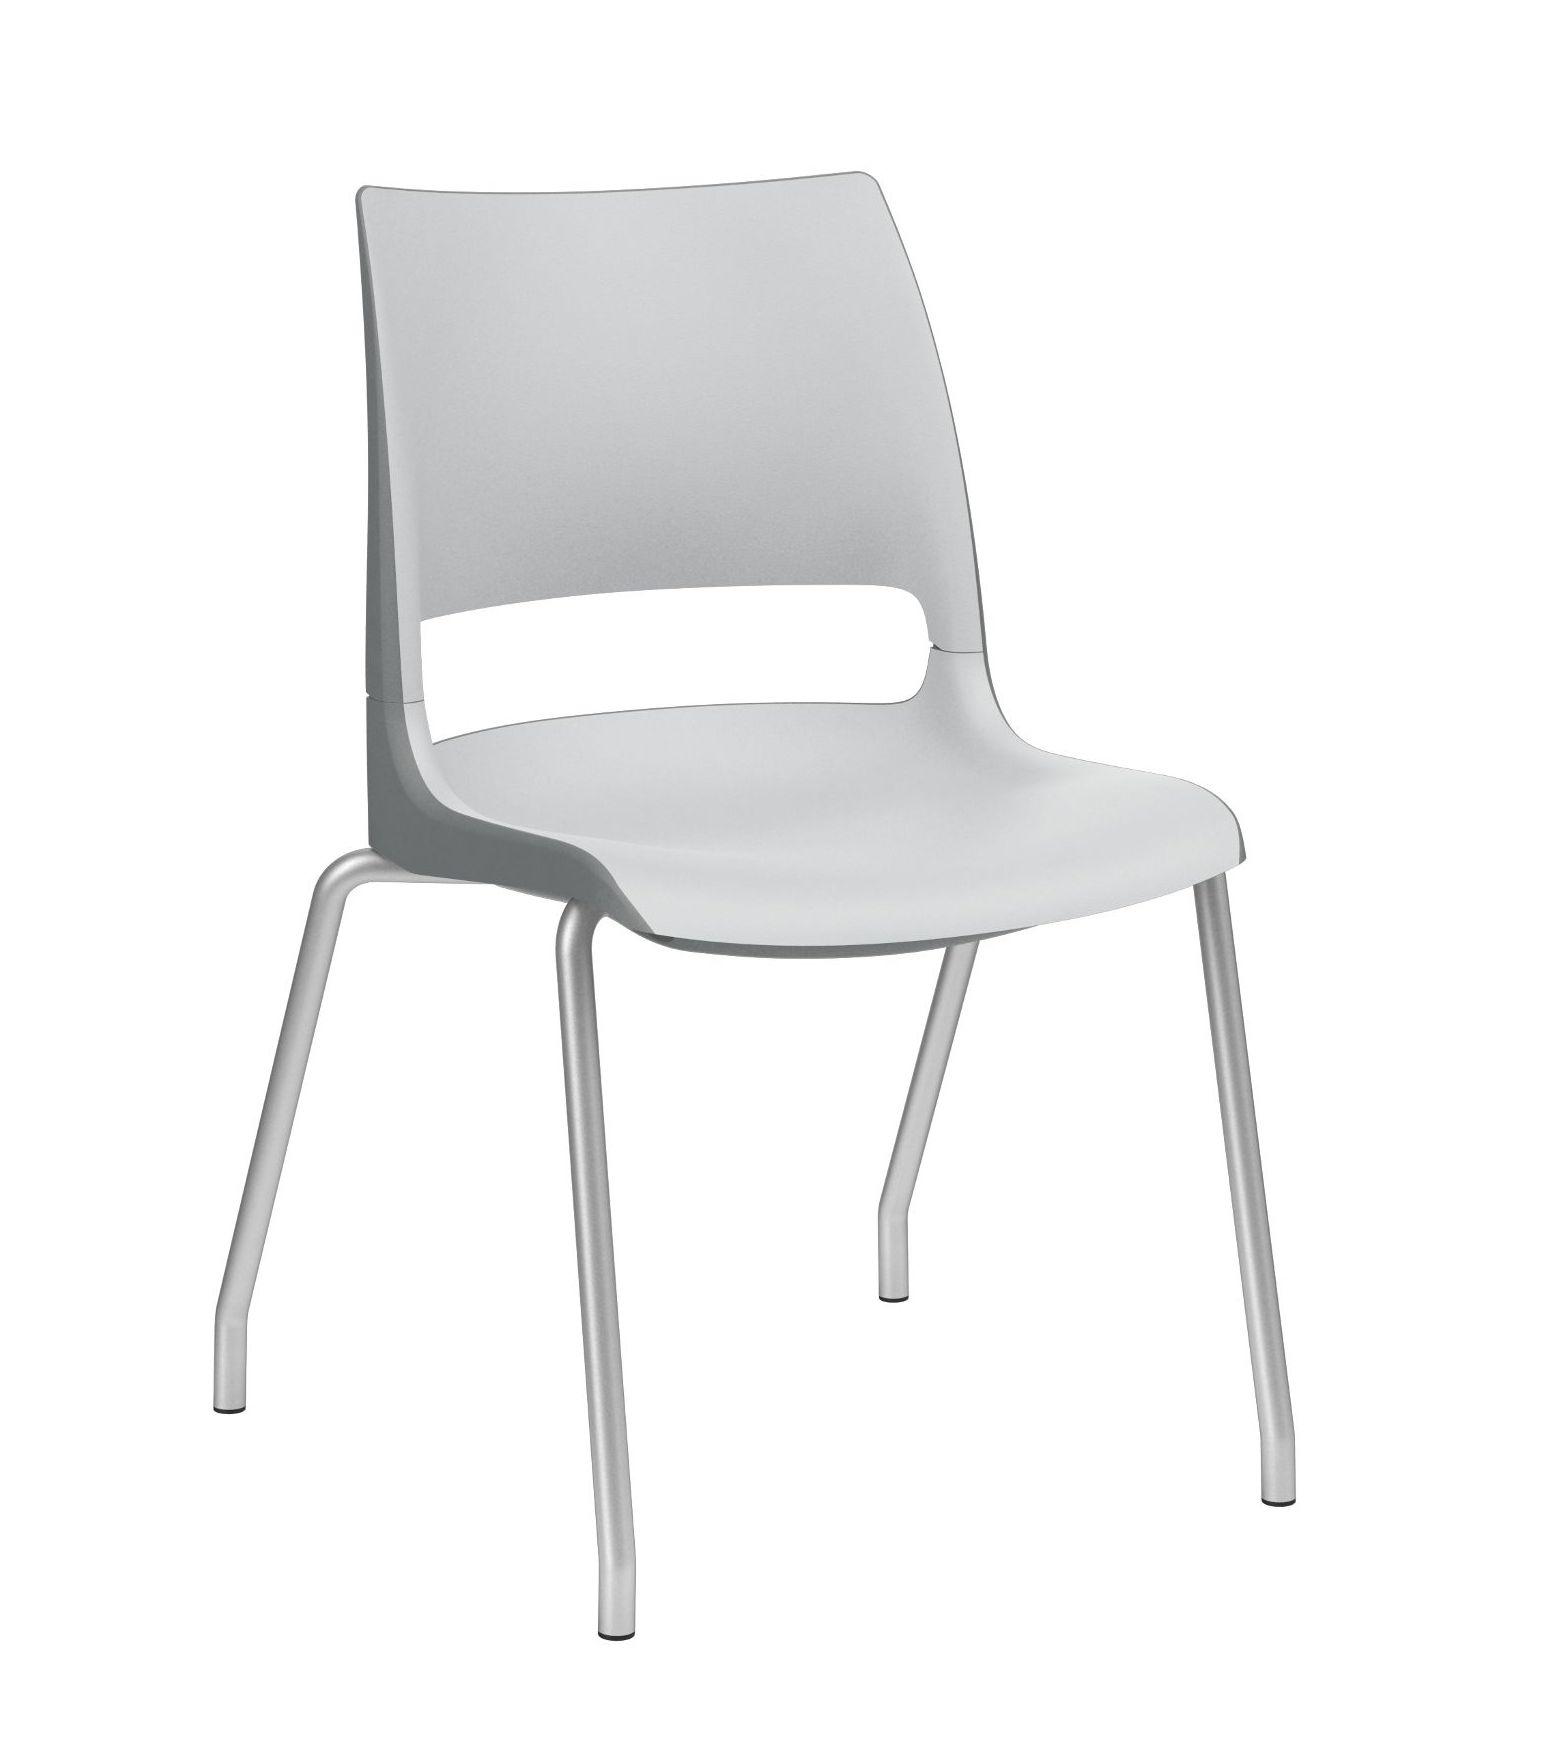 ki doni 4-leg stack chair dn1100